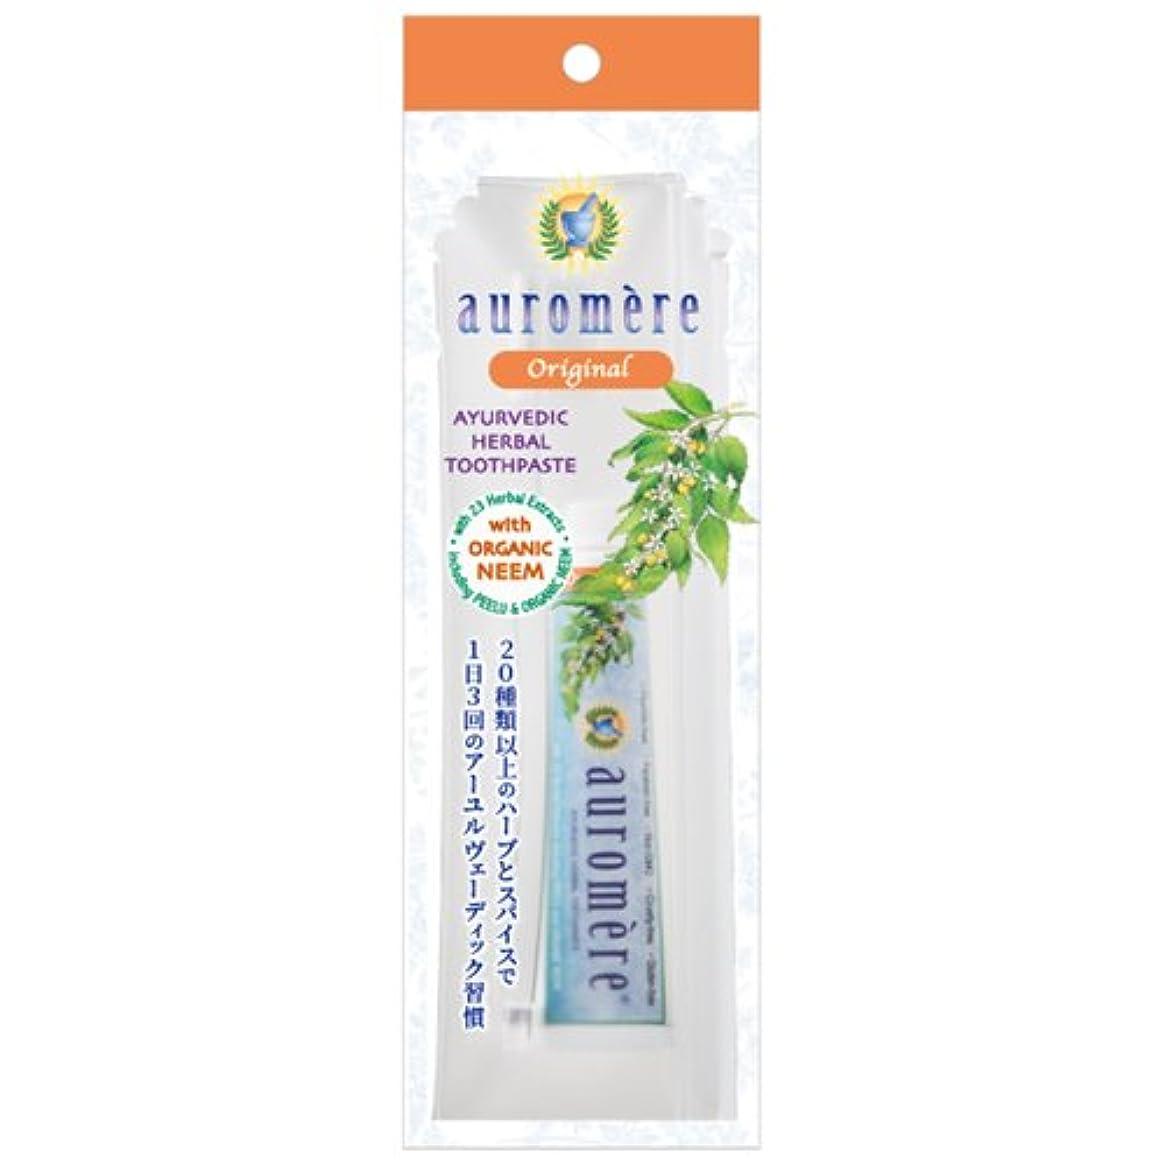 オーロメア 歯磨き粉 オリジナル トラベルセット (30g)